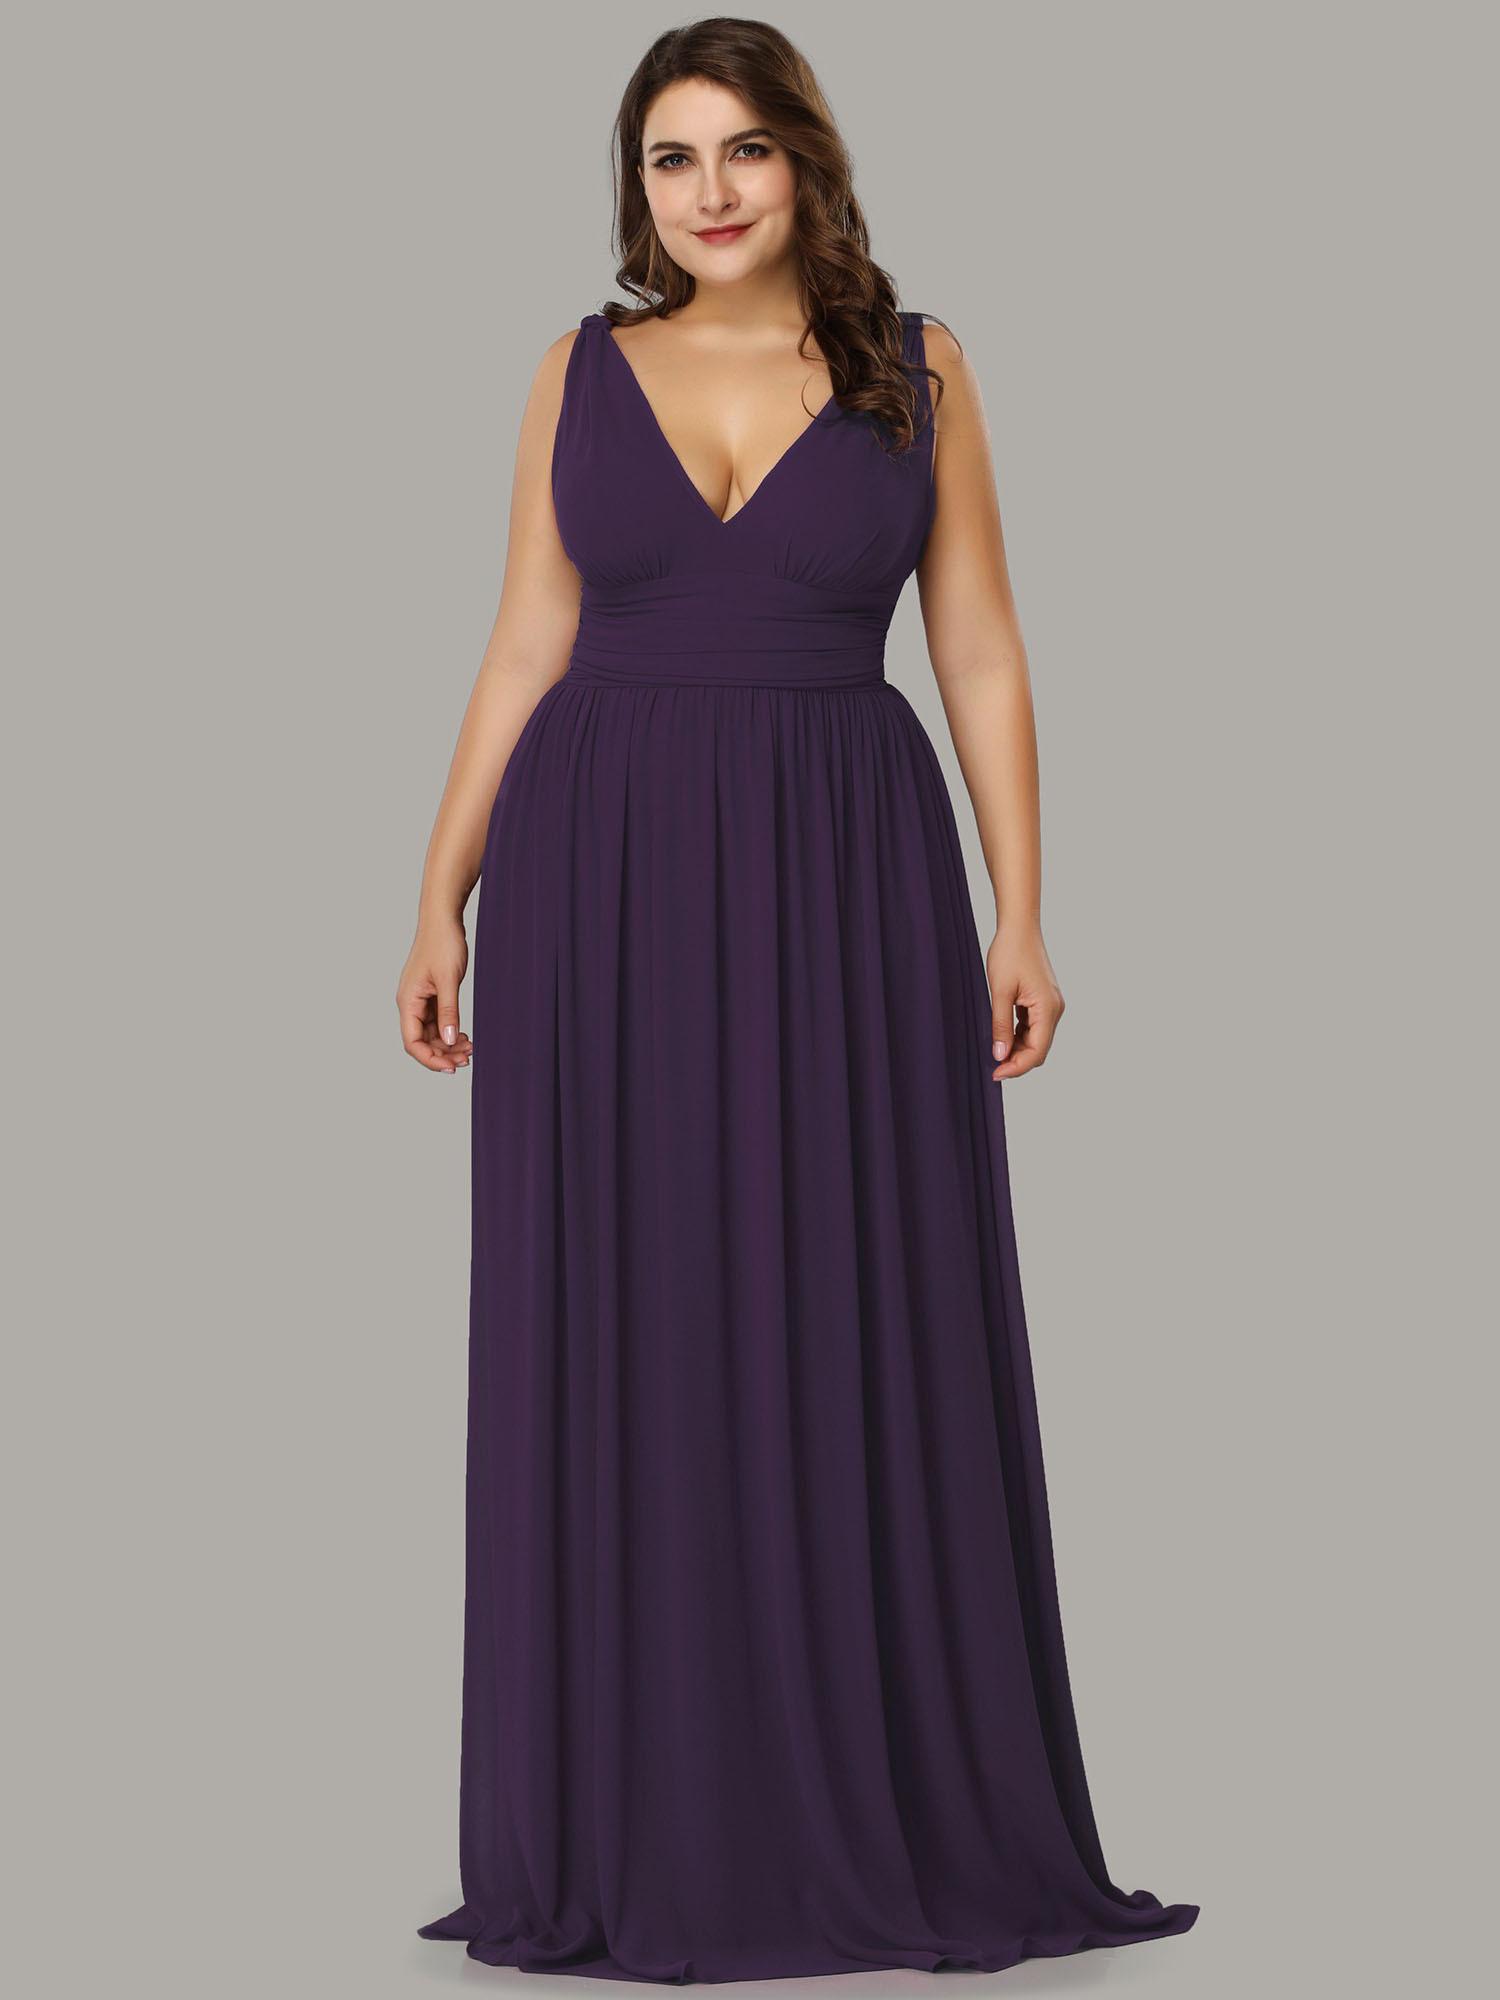 Abend Erstaunlich Abendkleid Curvy Galerie - Abendkleid